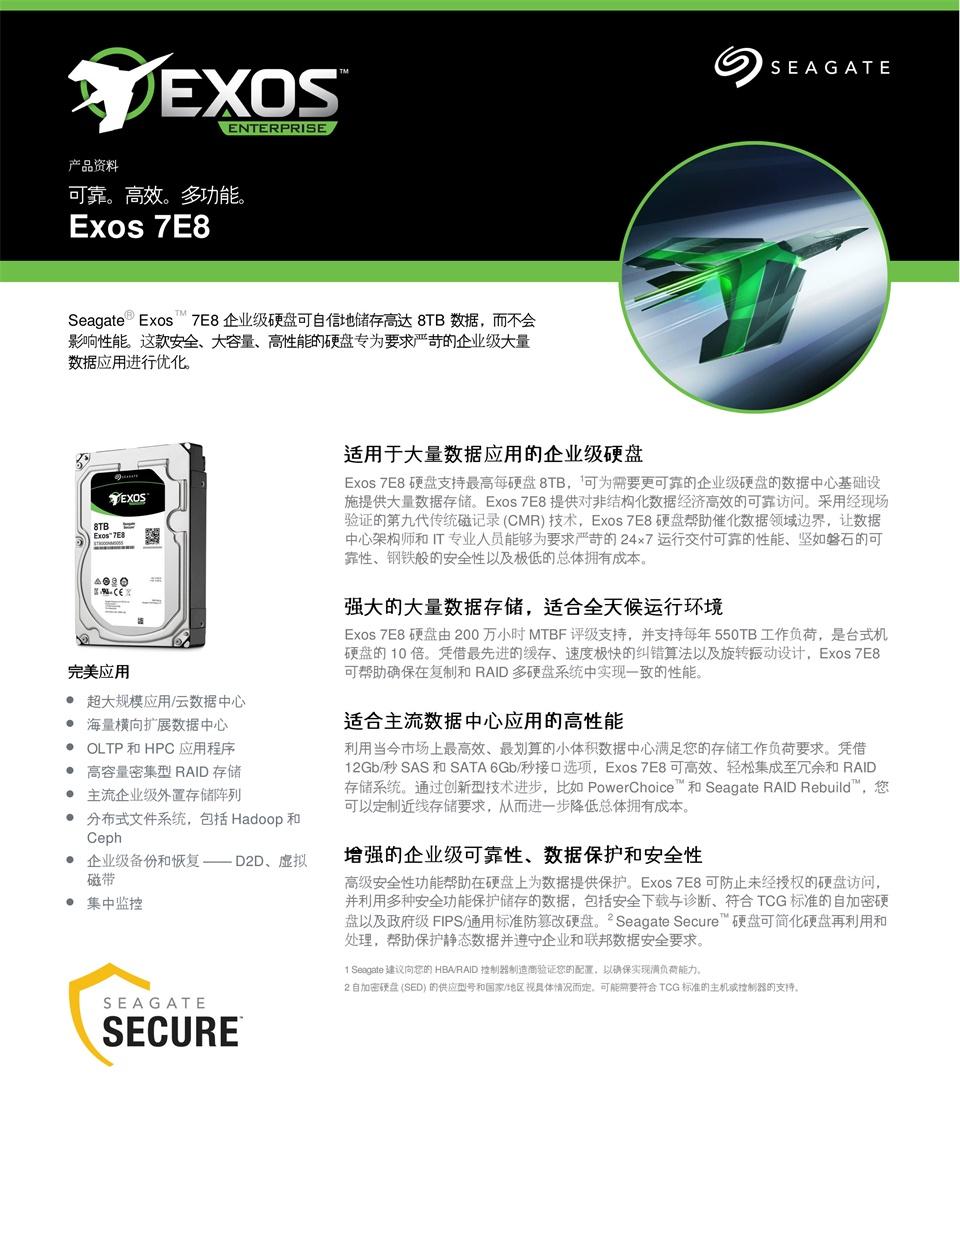 希捷 Exos 7E8 系列 8TB 7200转 256mb 512e SAS 企业级硬盘(ST8000NM0075)